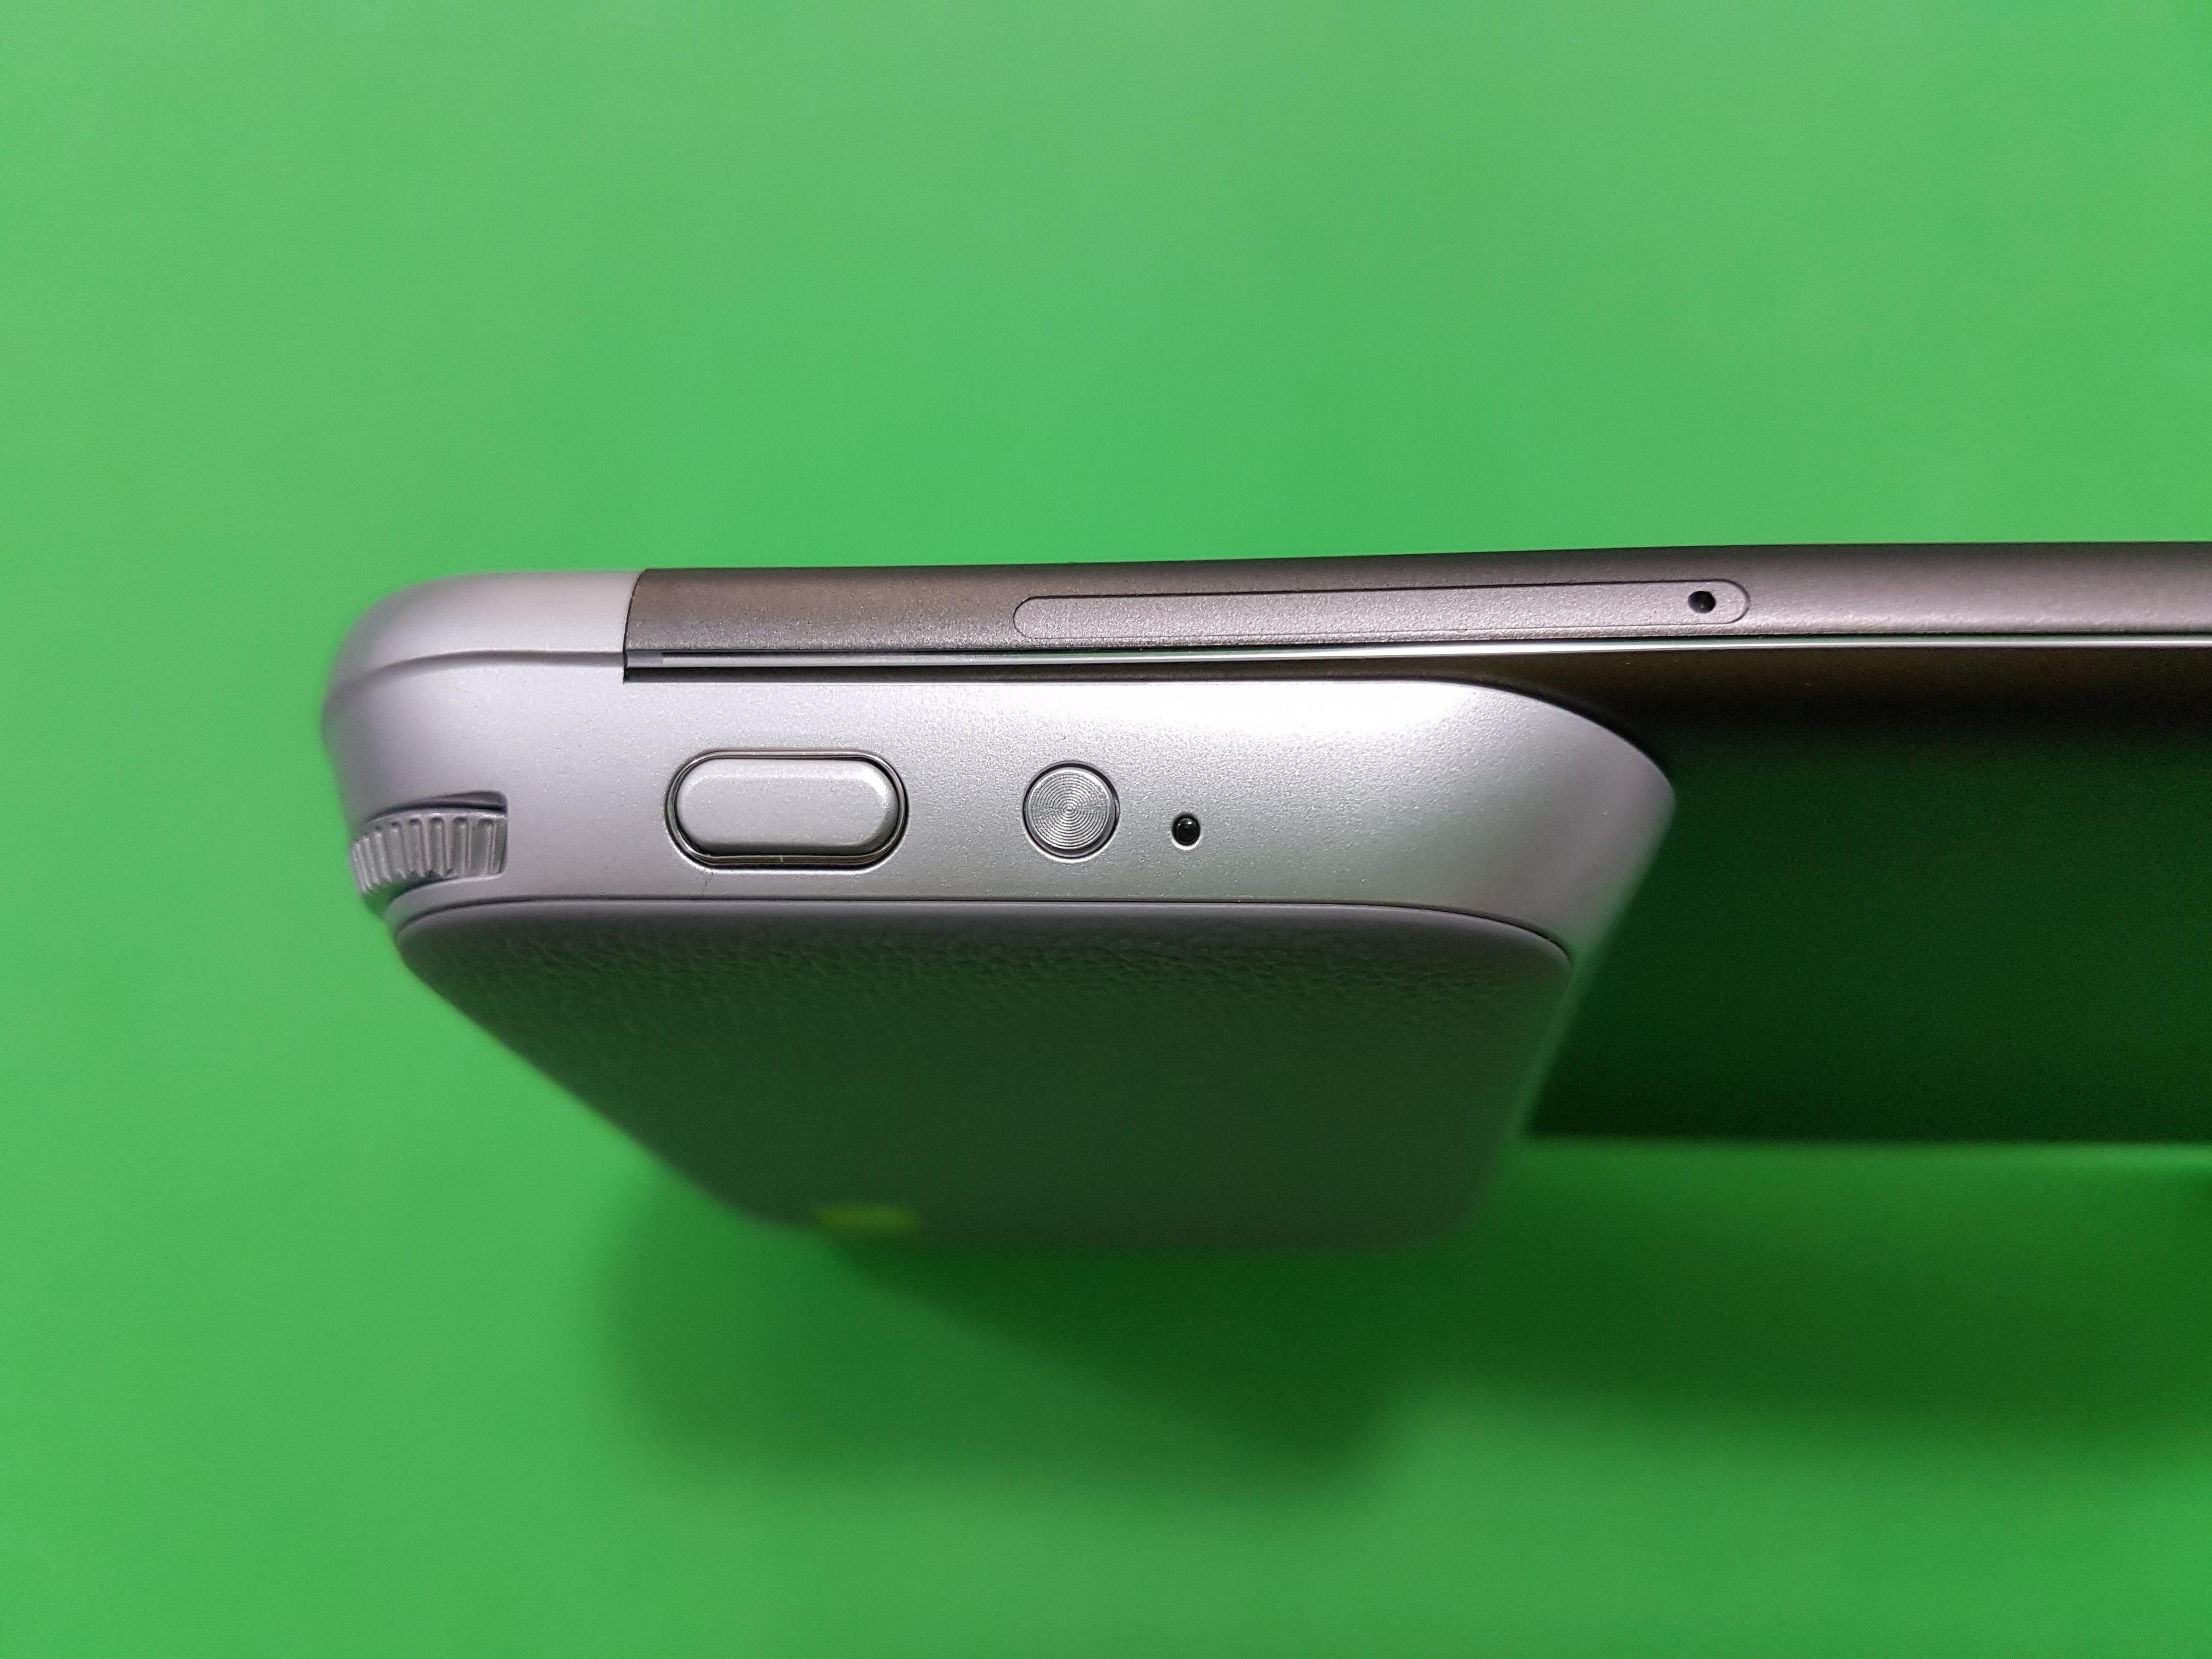 LG G5 Friends review, take 2: 360 Cam! 360 Cam! 360 Cam! Oh